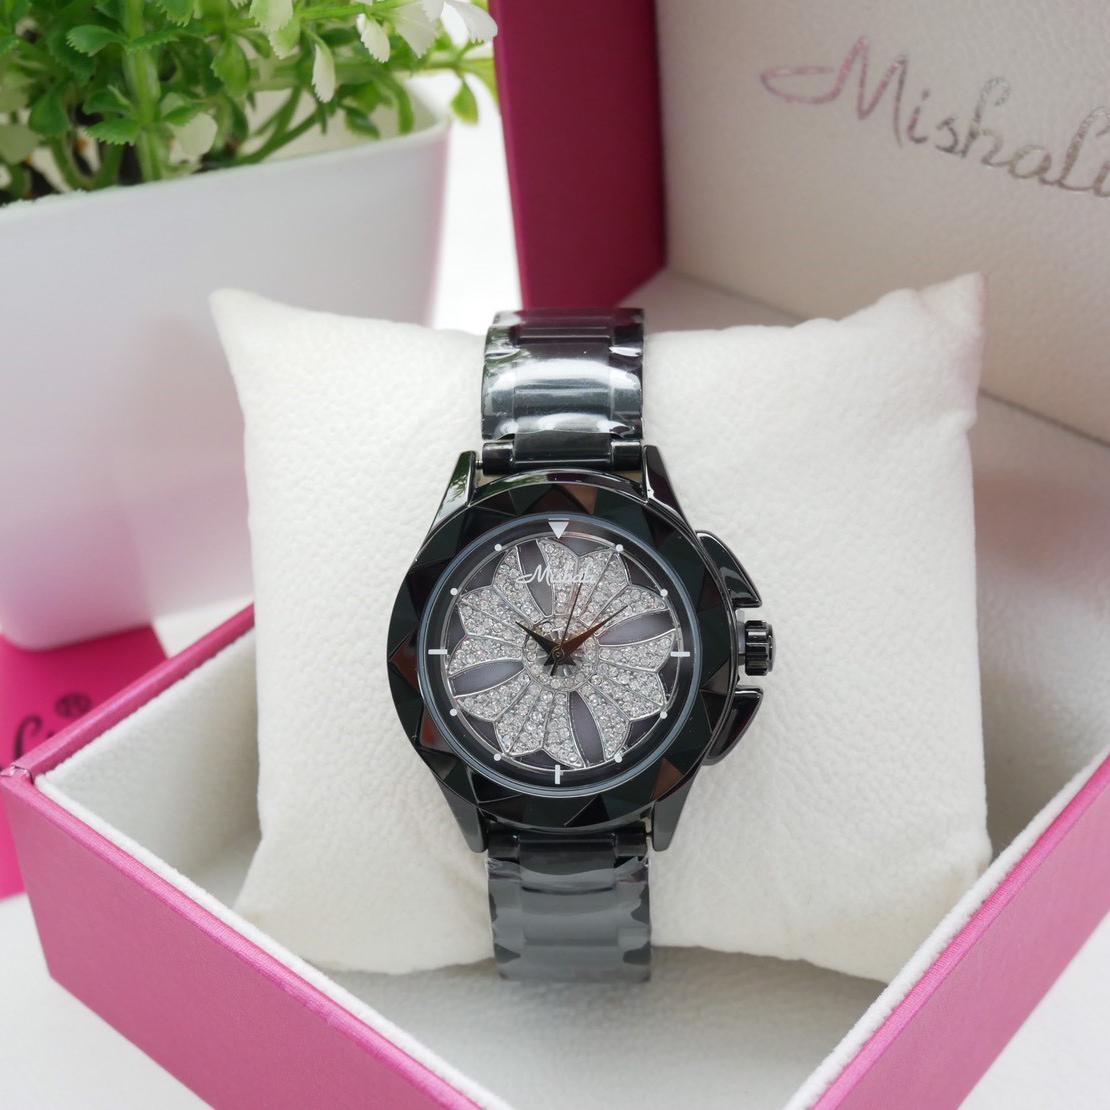 นาฬิกาข้อมือผู้หญิง MISHALI M13980A A